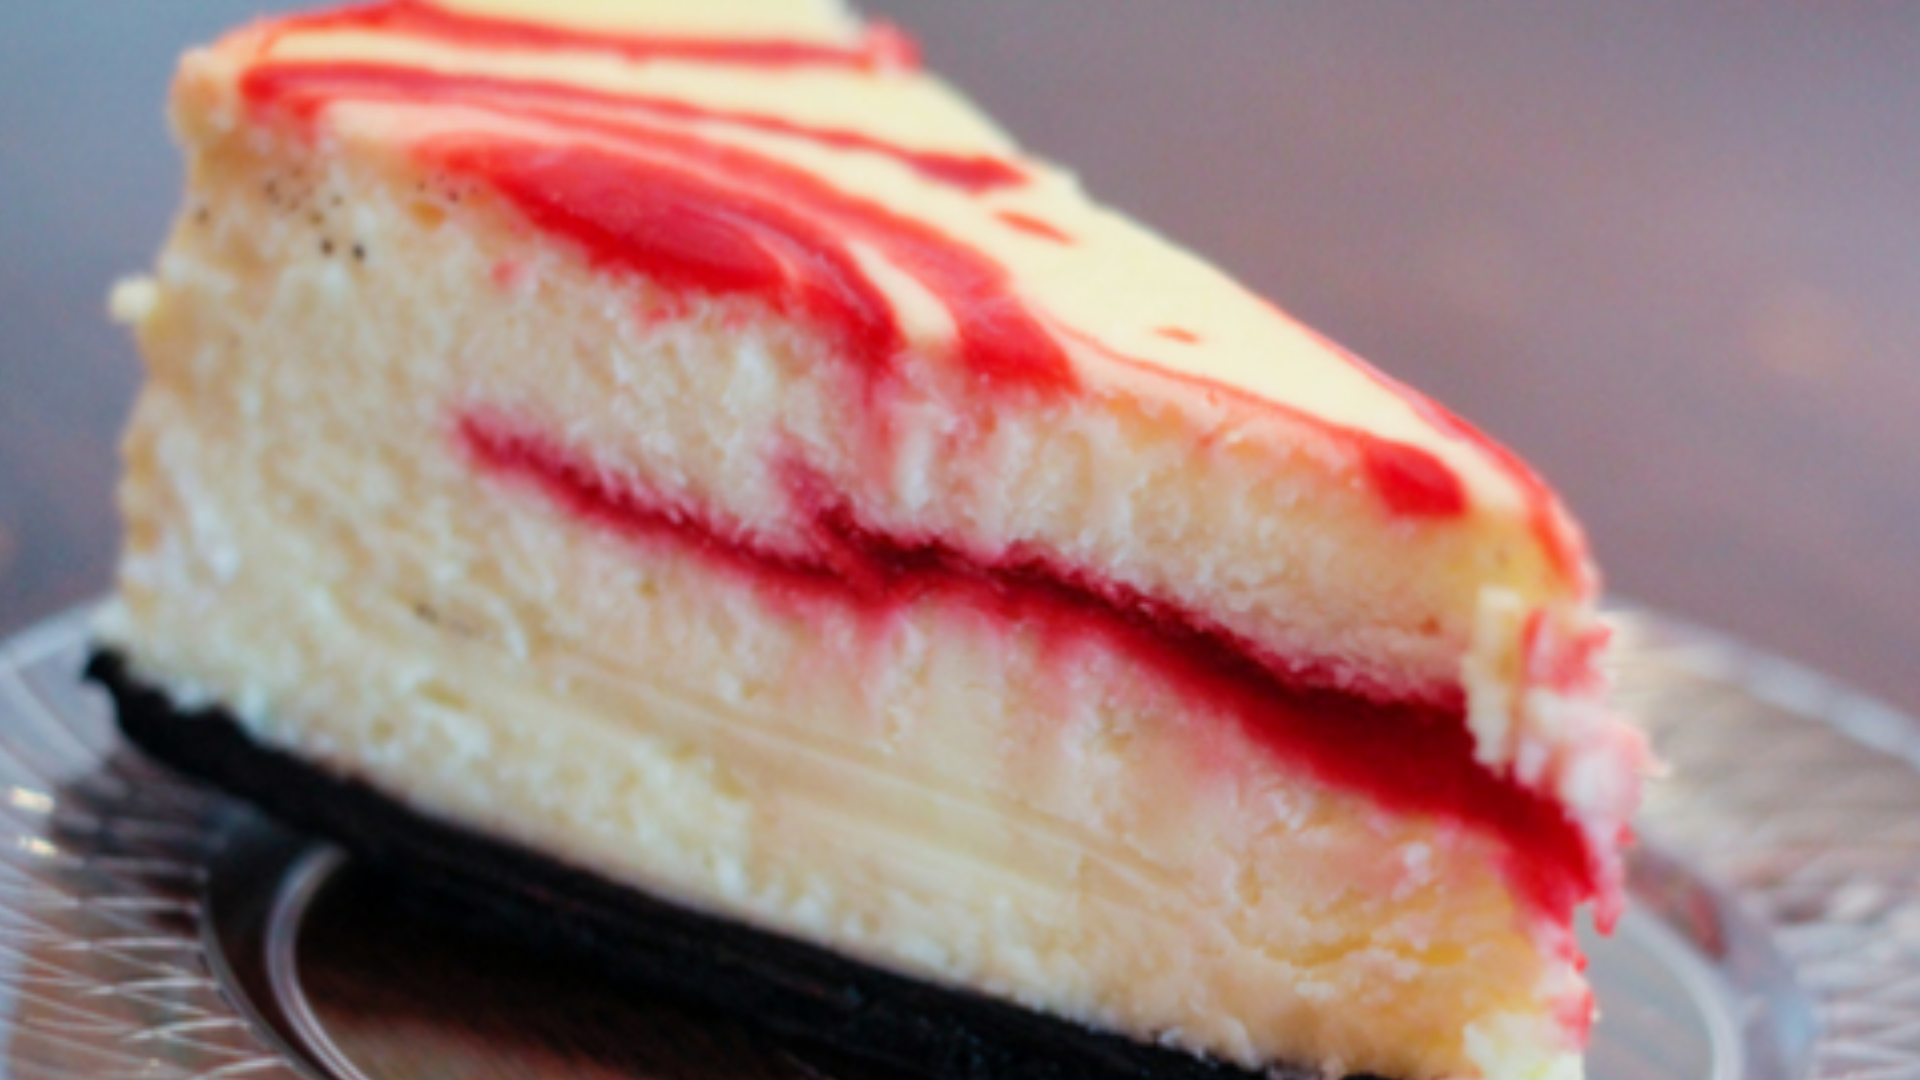 Receta de un rico Cheescake helado de frambuesa en sólo 25min